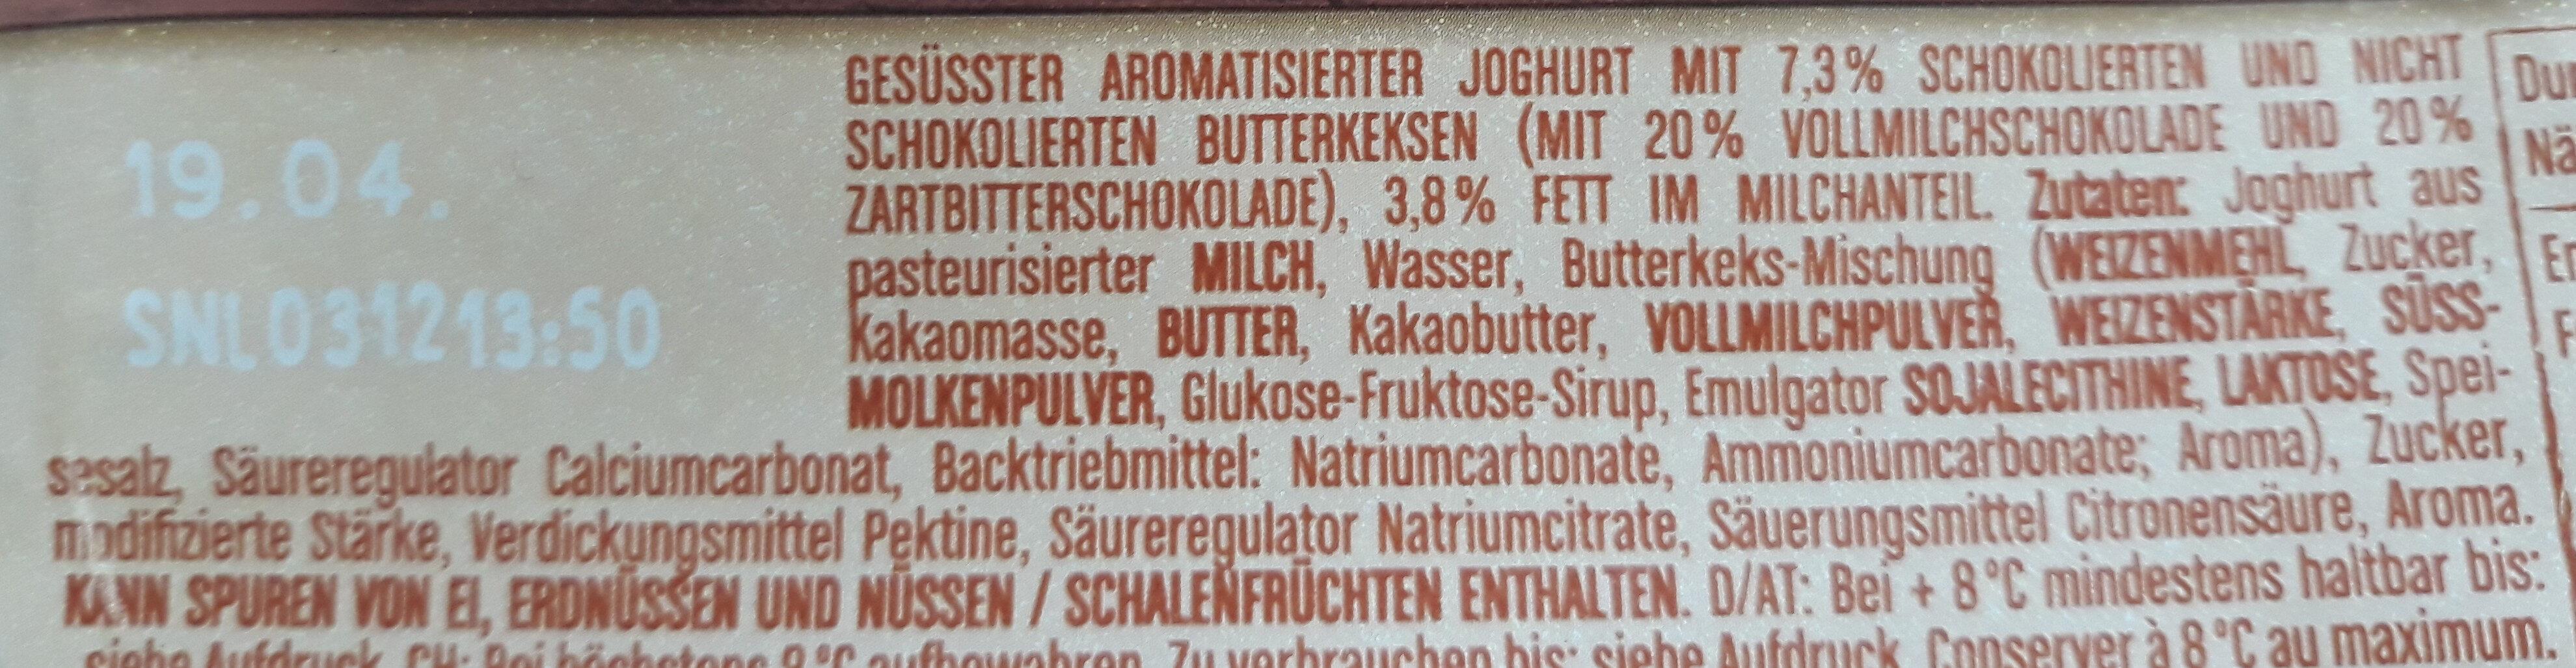 Müller Joghurt Butterkekse - Inhaltsstoffe - de